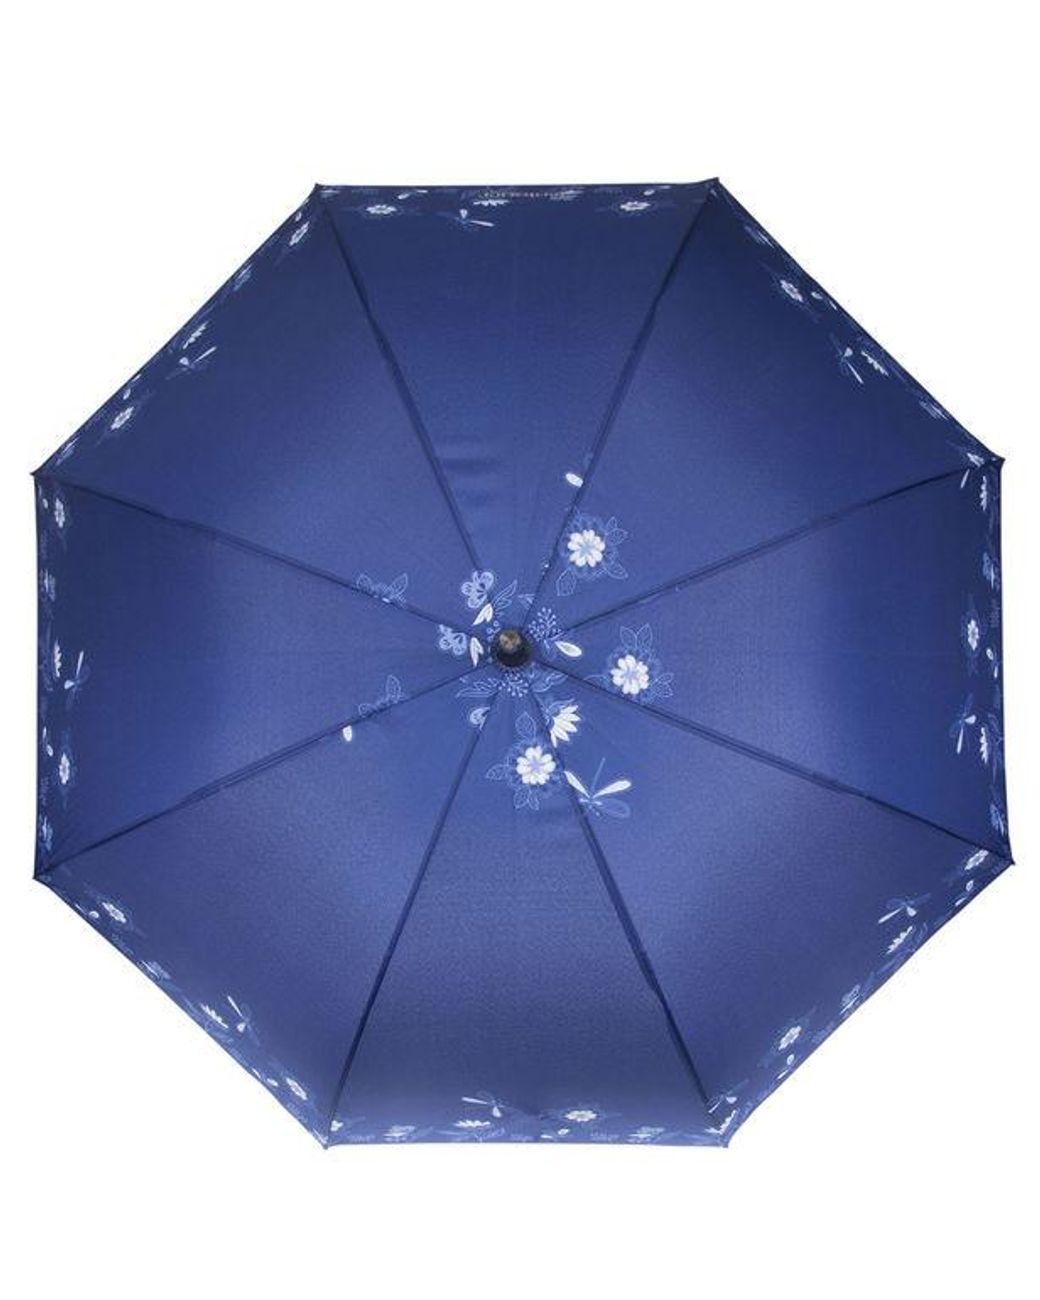 nouvelle collection bde8b 4d090 Parapluie X-TRA SOLIDE femme de coloris bleu